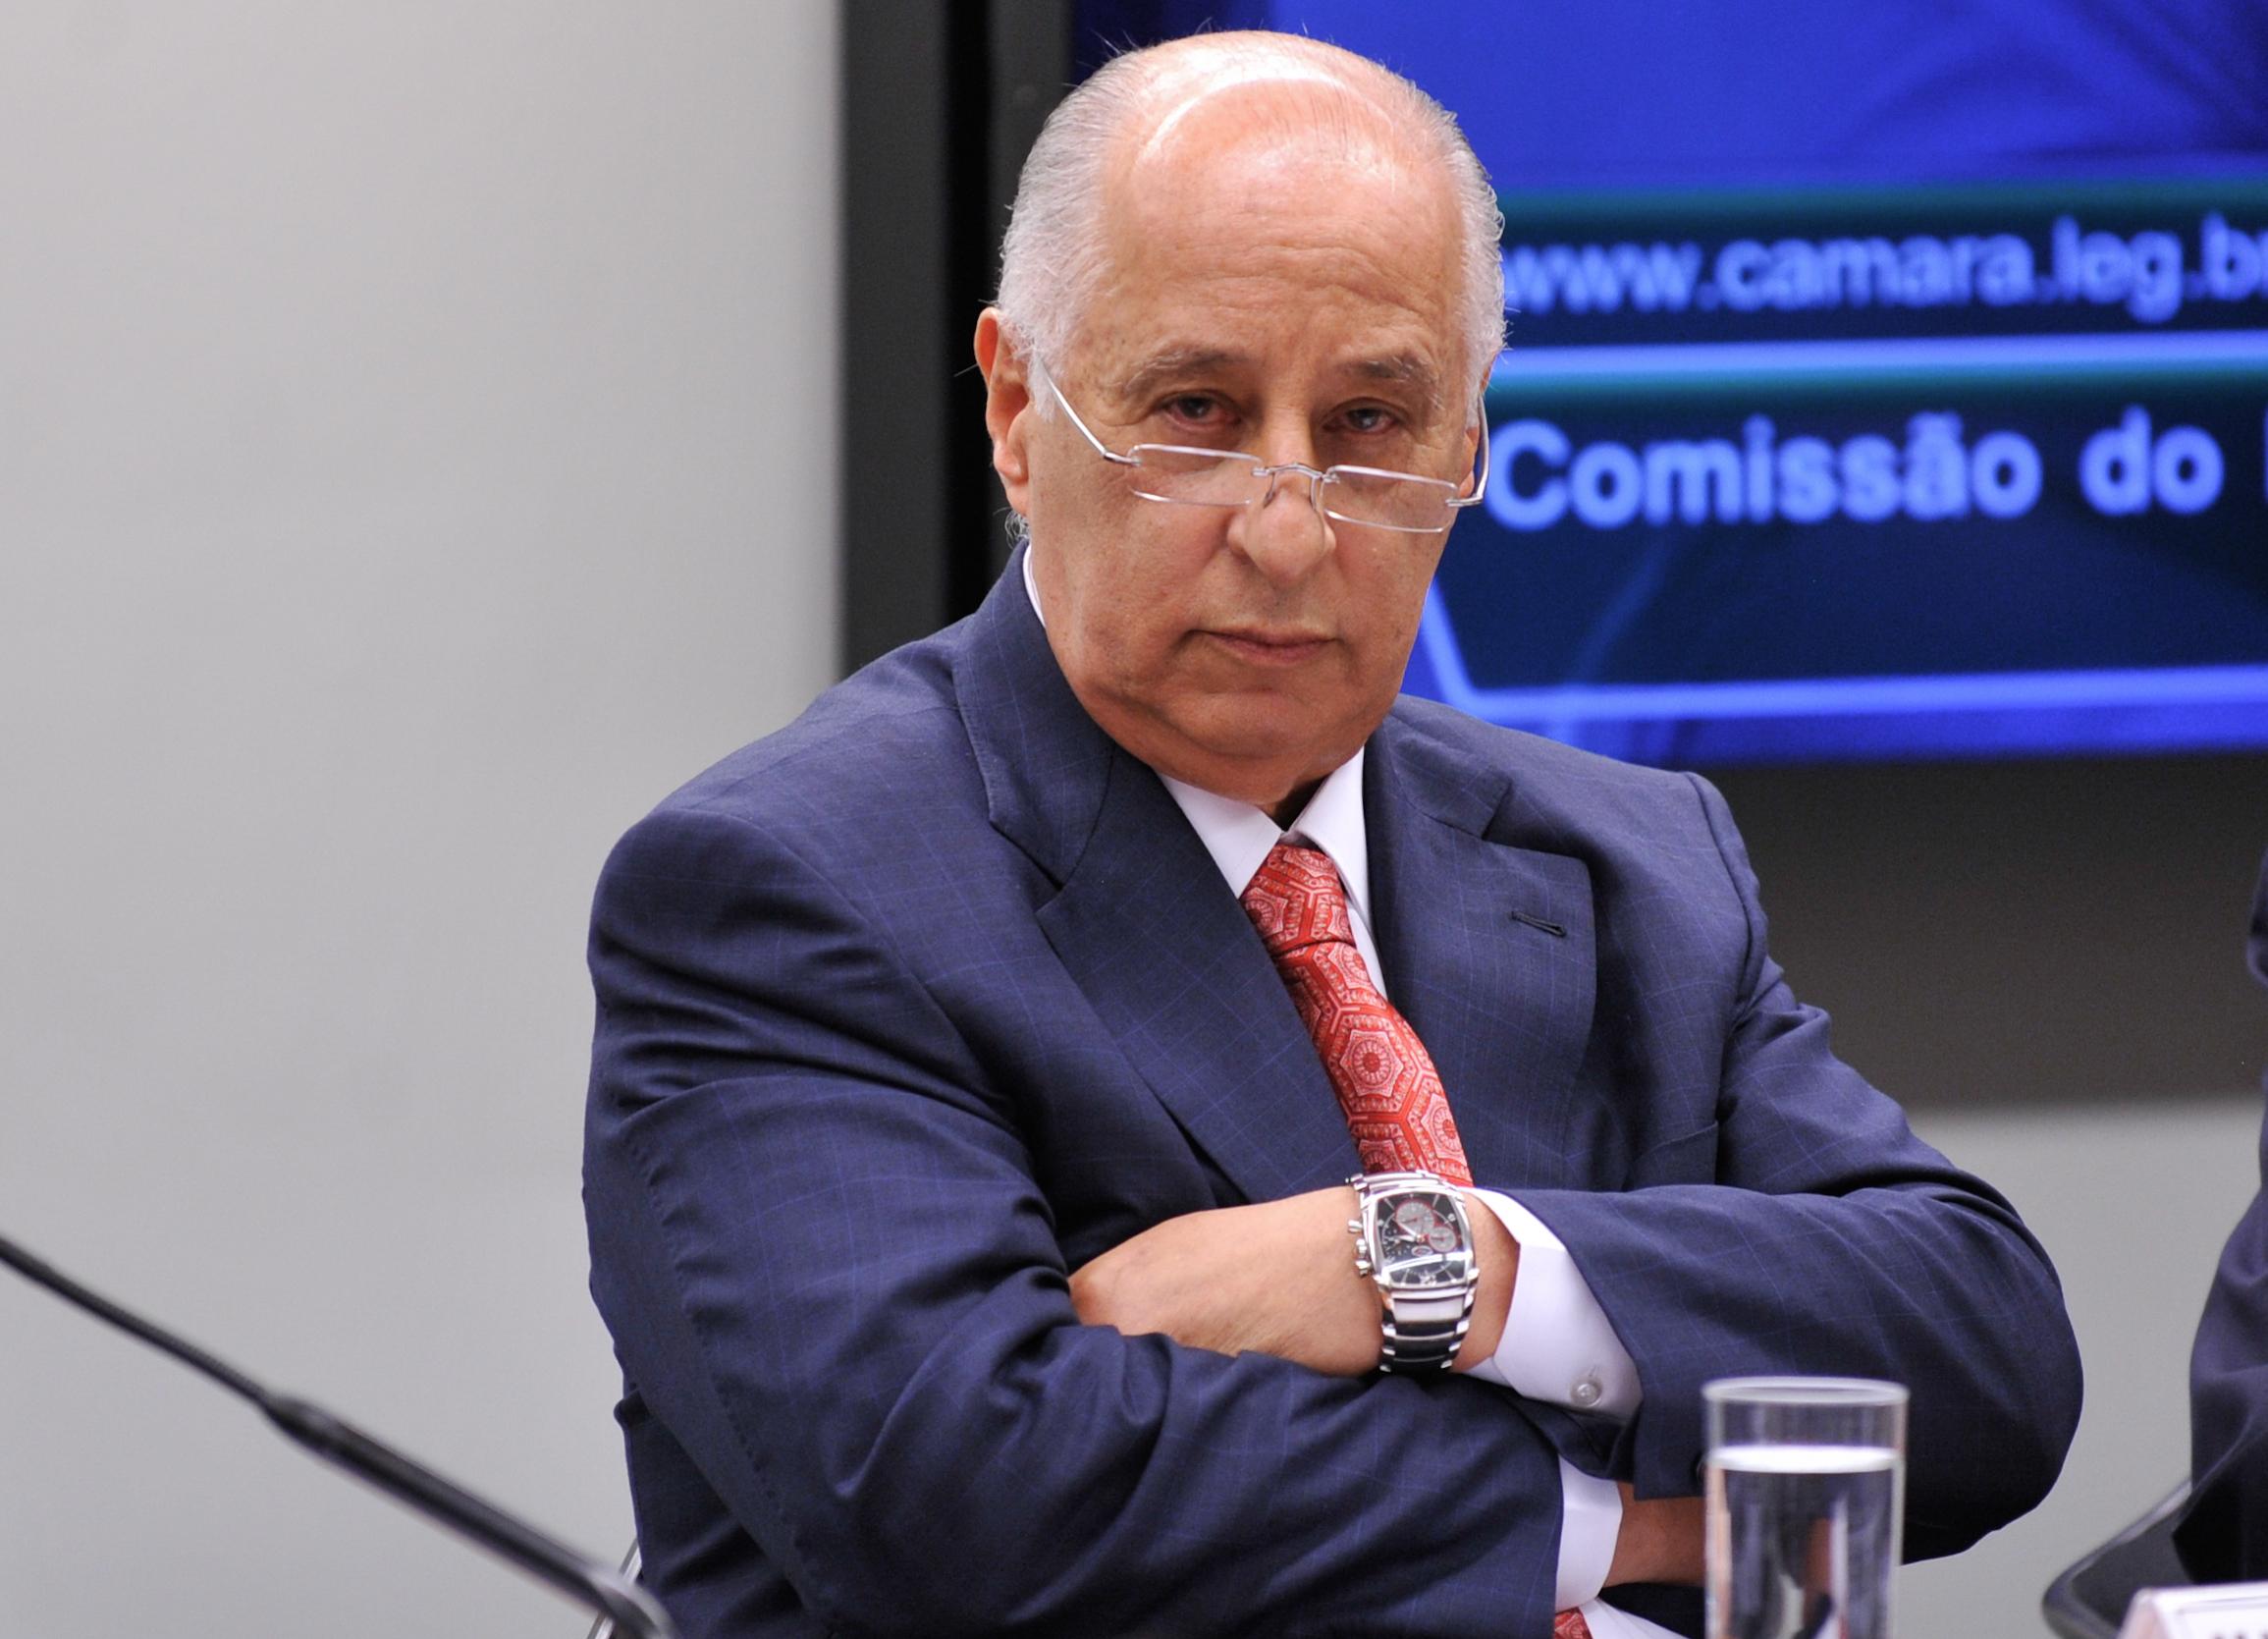 Presidente da CBF é suspenso pela Fifa